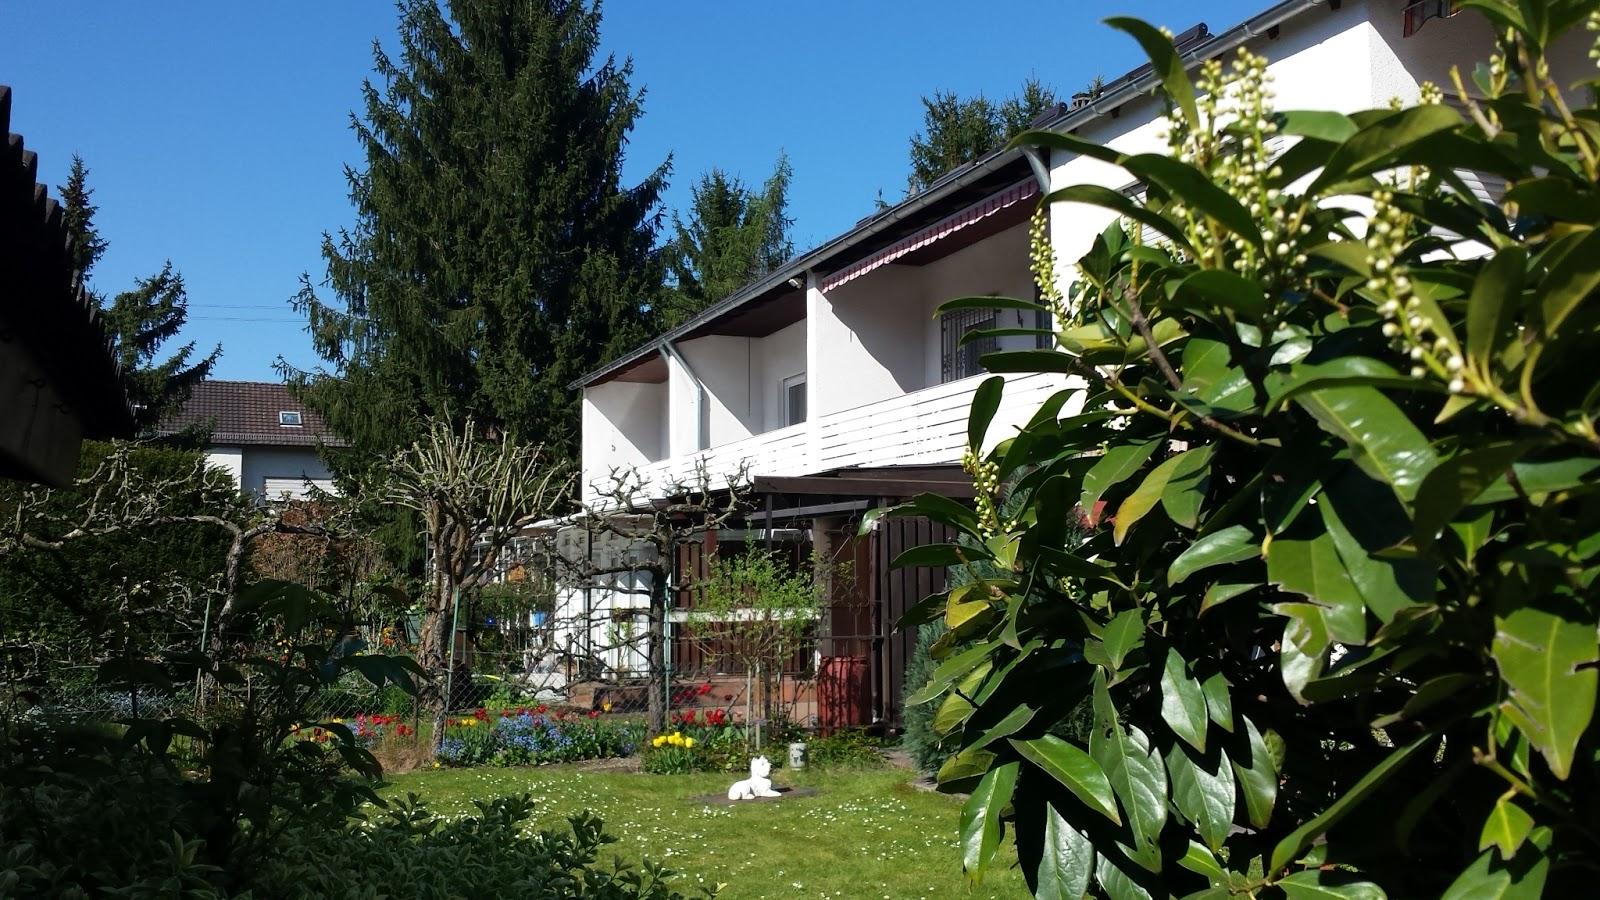 Sträucher Für Kleine Gärten Schönsten Einrichtungsideen G A4rten Gestalten Beste Laubbäume Den Garten Schnell Wachsende Laubb C3 A4ume F Bcr